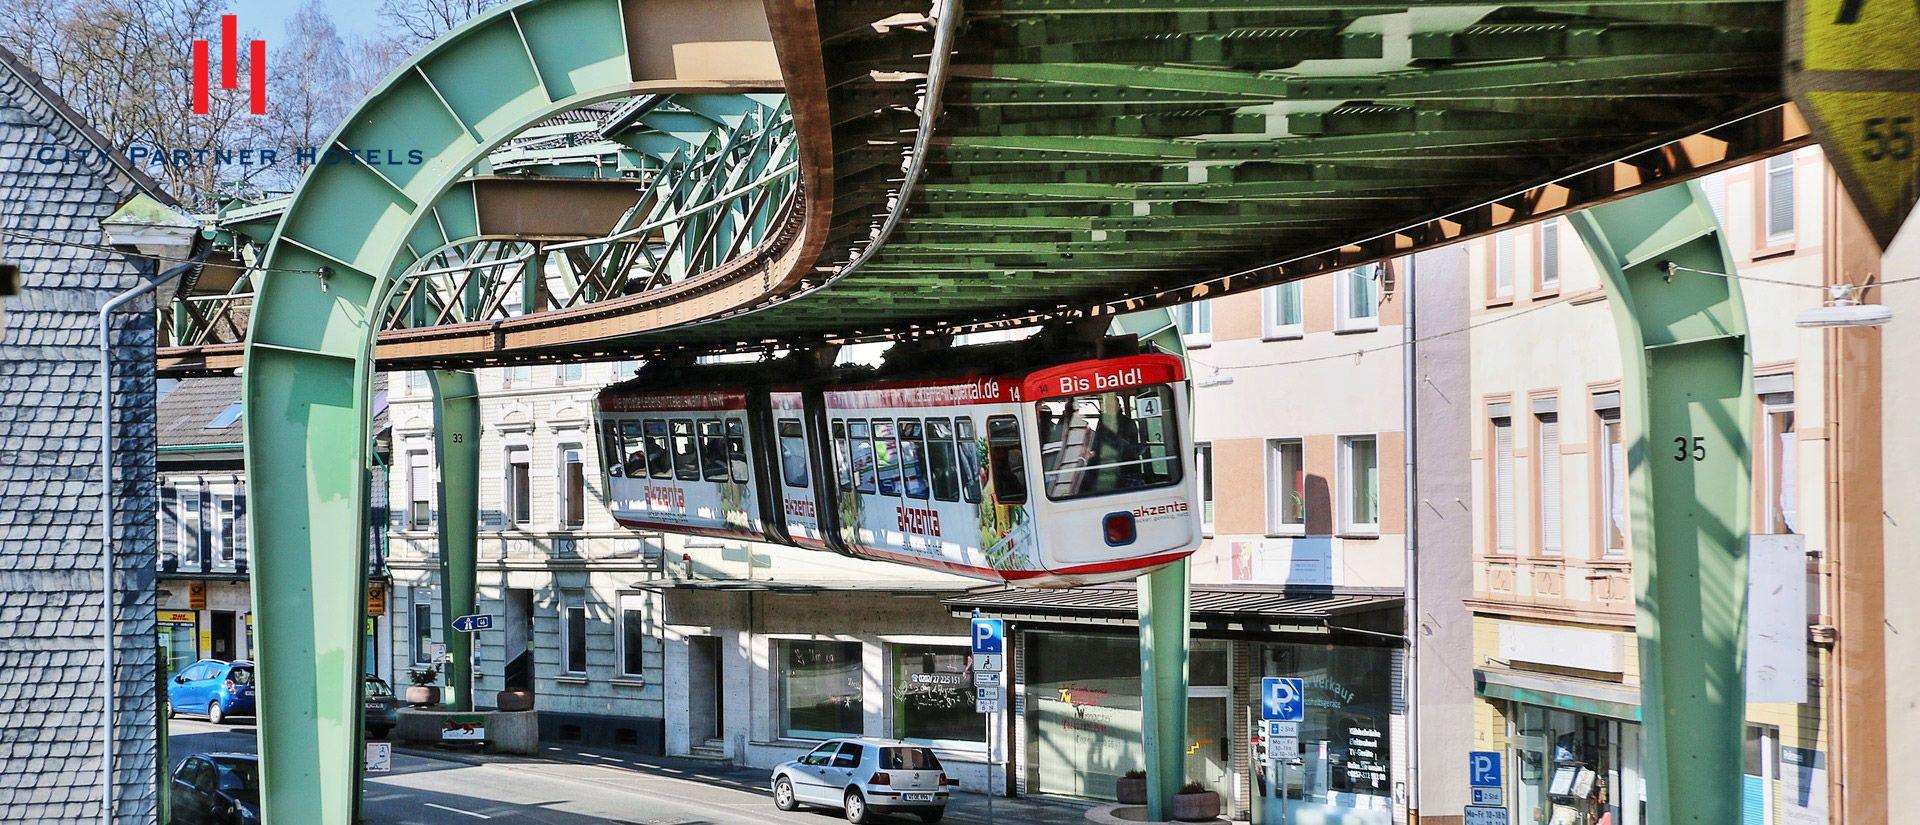 Central Hotel Wuppertal Beste Preise City Partner Wuppertal Urlaub In Deutschland Interessante Orte